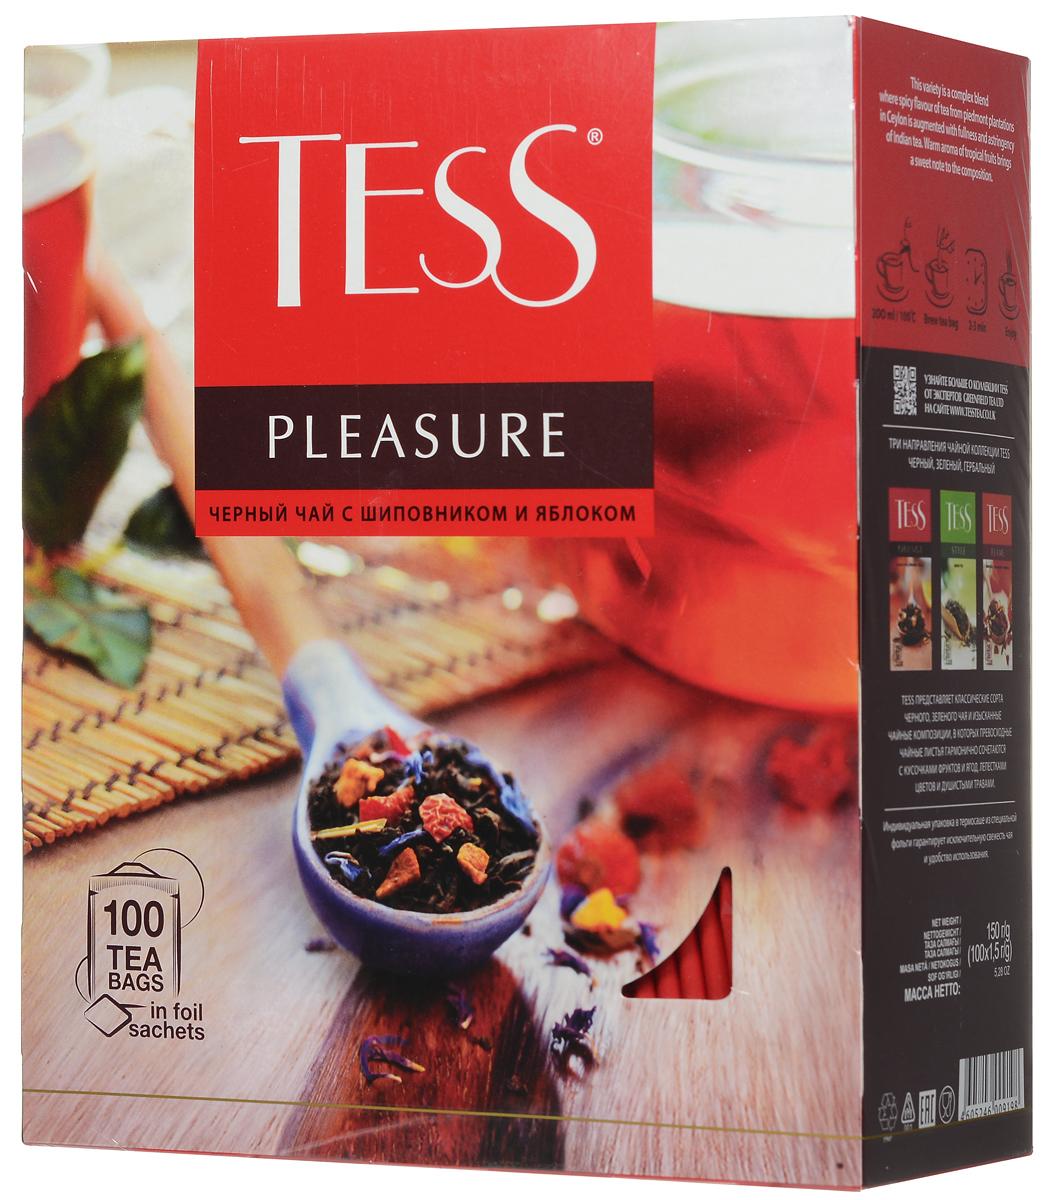 Tess Pleasure черный чай с шиповником и яблоком в пакетиках, 100 шт0120710Tess Pleasure - выразительная композиция из черного чая с кусочками шиповника, сушеных яблок и нежных васильковых лепестков. Особая прелесть этого сорта - сочетание мягкого вкуса цейлонского чая и тонких оттенков фруктов. Приятный нежный аромат с легким оттенком персика.